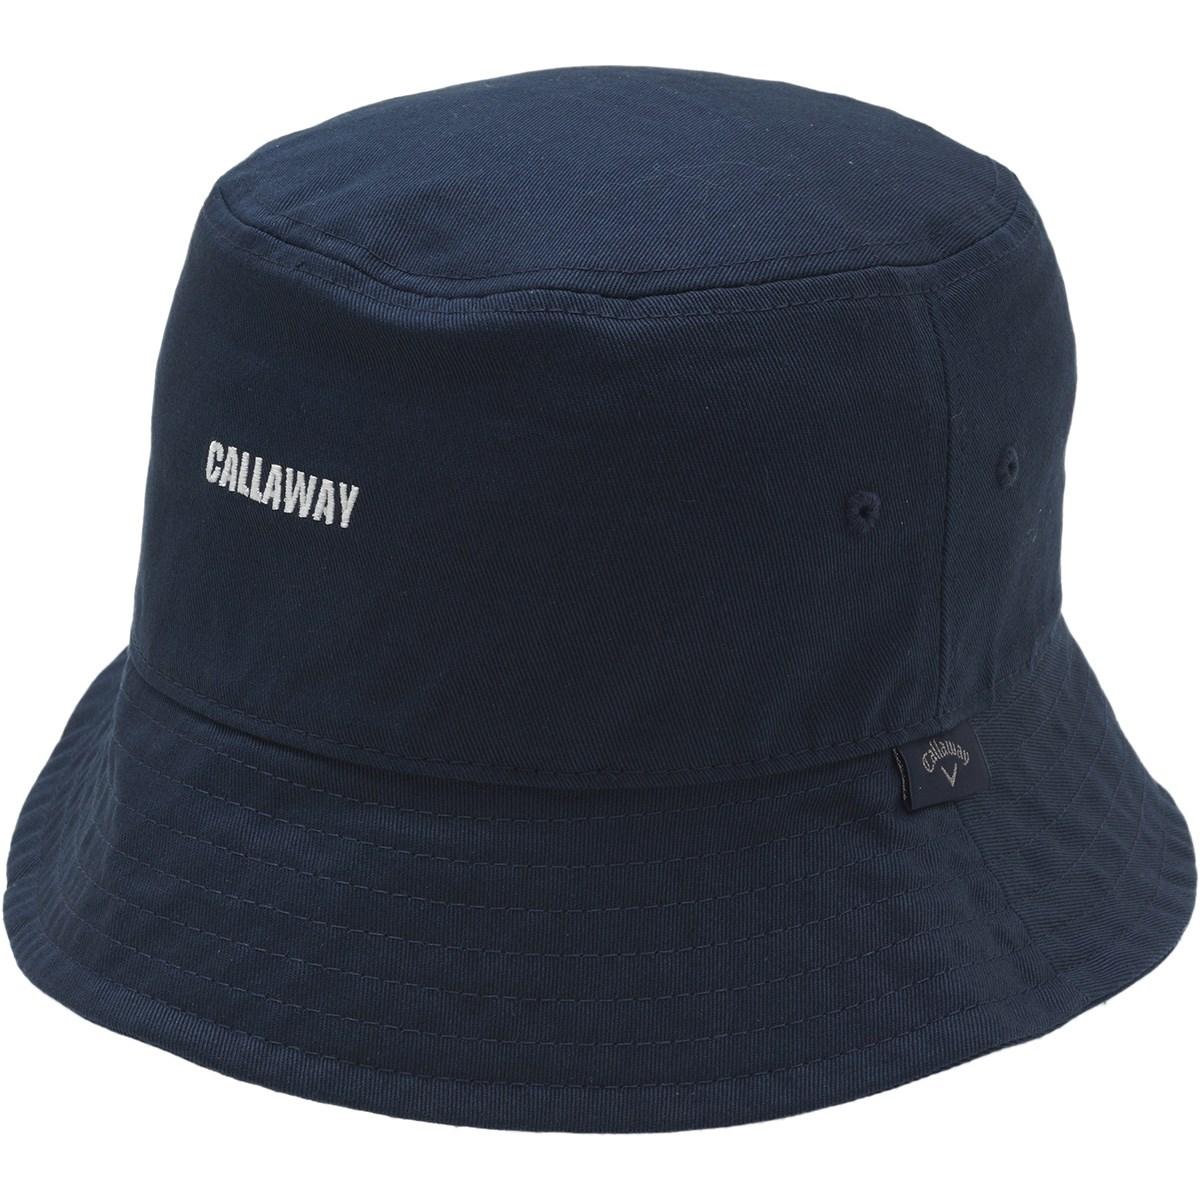 キャロウェイゴルフ Callaway Golf バケットハット フリー ネイビー 120 レディス